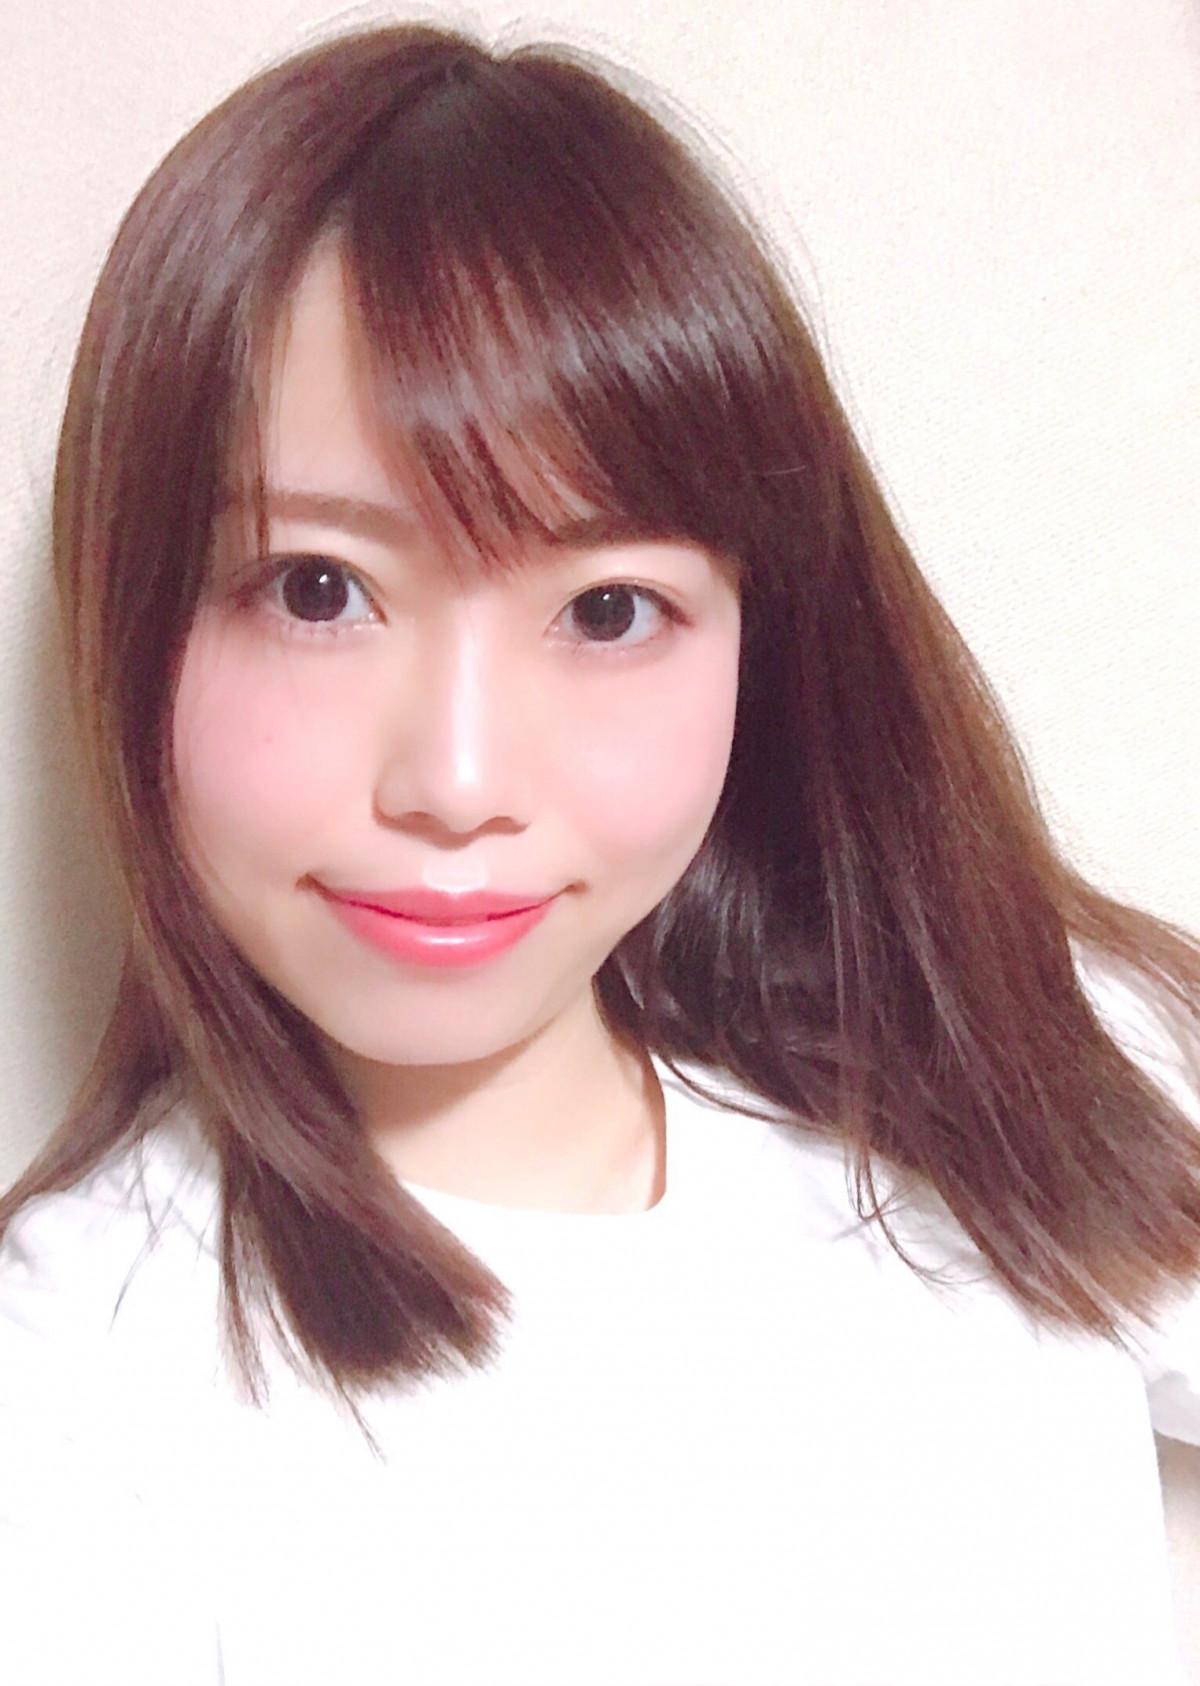 【自己紹介】チーム★マキア2年目のりょうです!♡